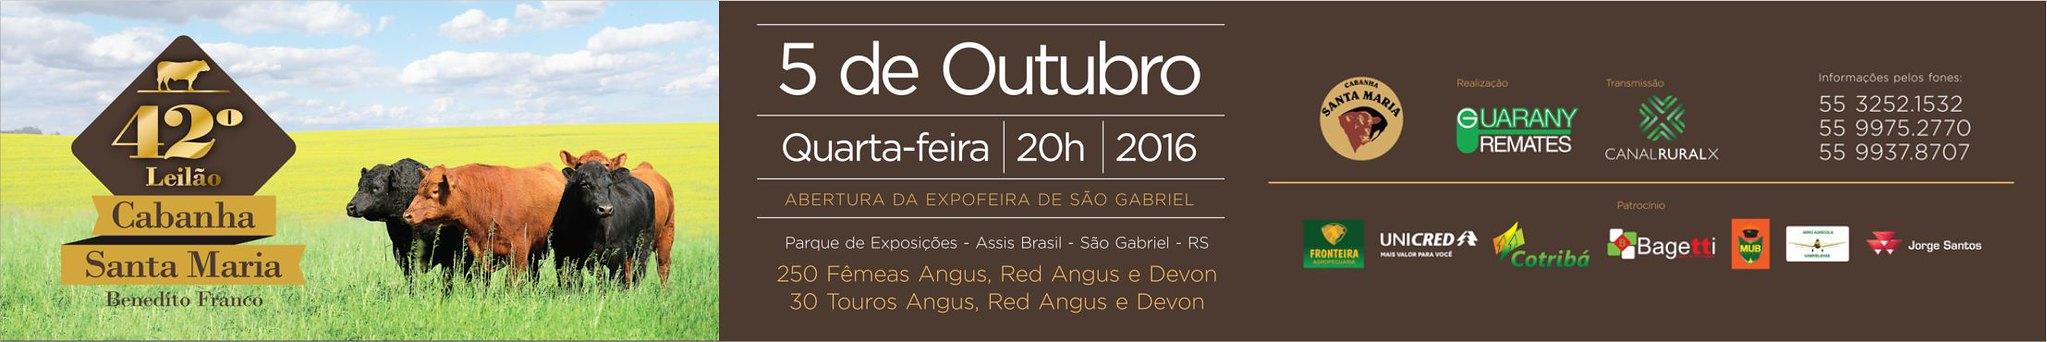 Anúncio 42º Leilão Cabanha Santa Maria 2016